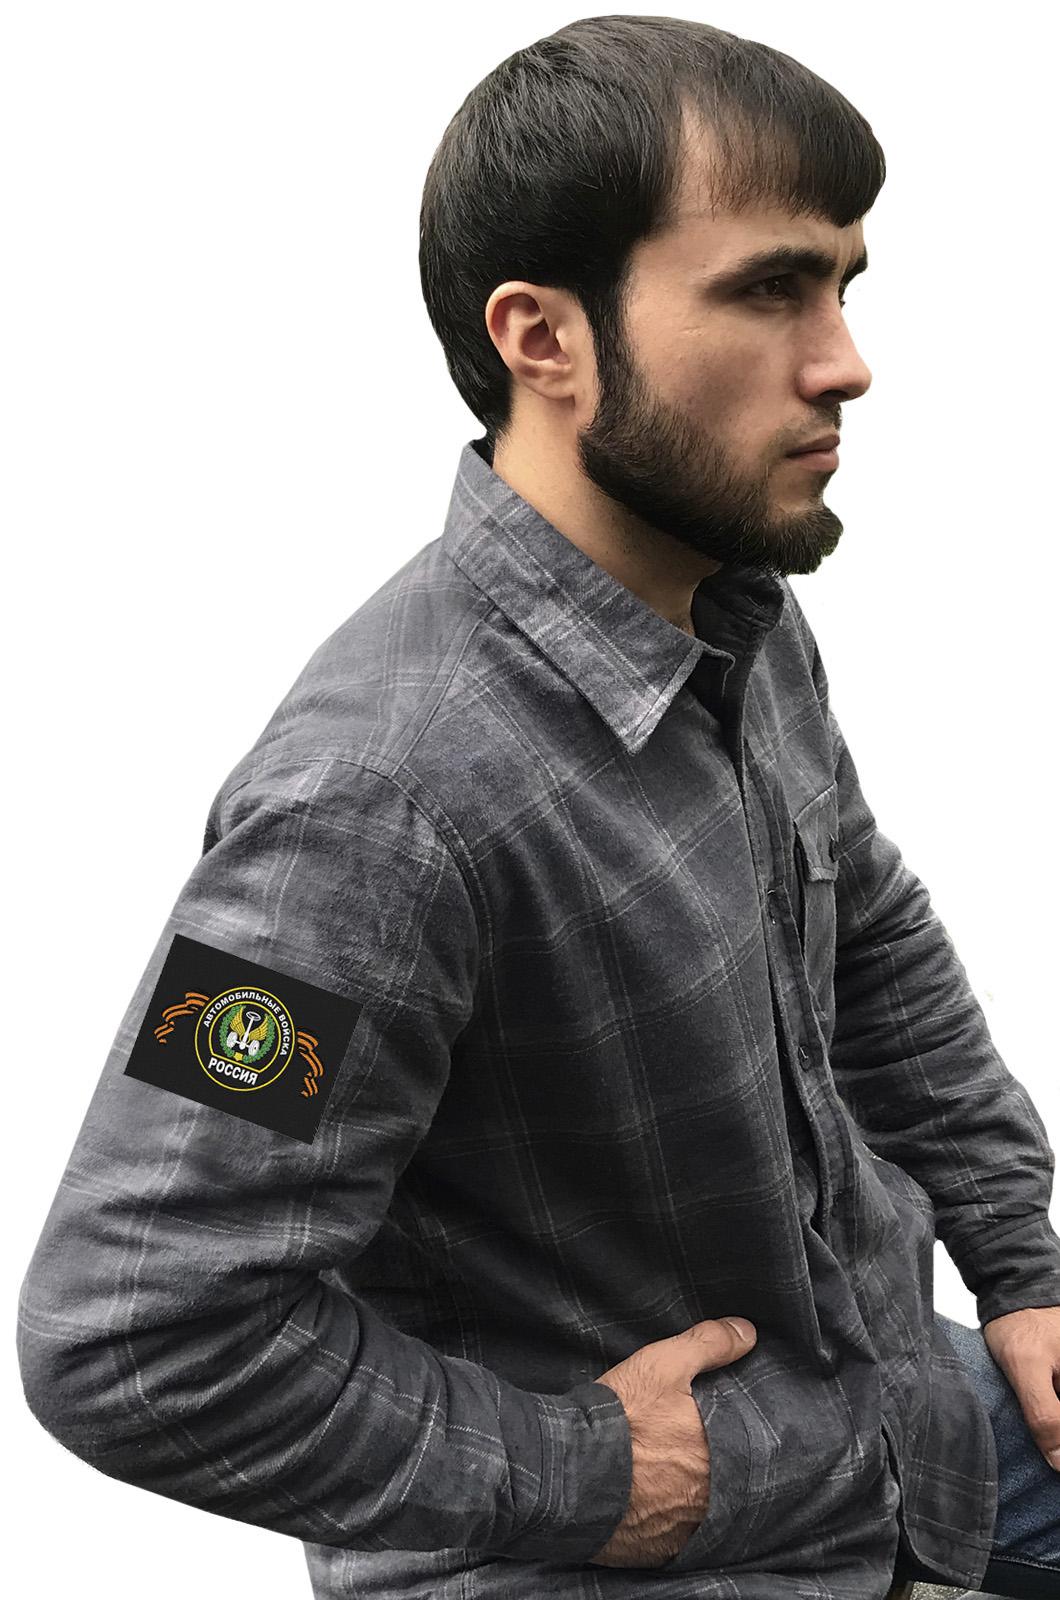 Клетчатая мужская рубашка с вышитым шевроном Автомобильные Войска - купить в Военпро